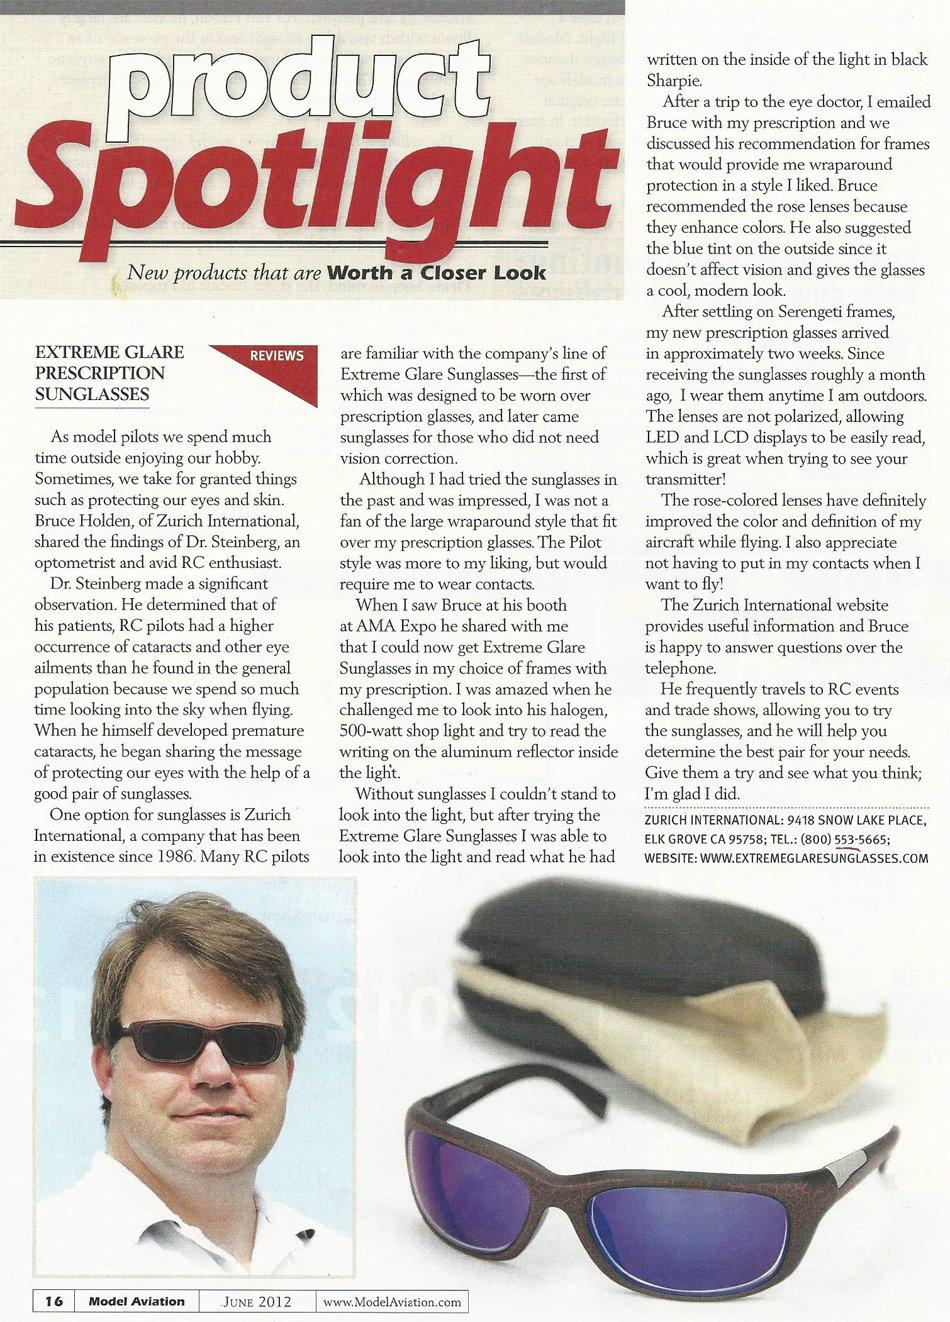 Z-XG Extreme Glare Sunglasses Testimonial Article